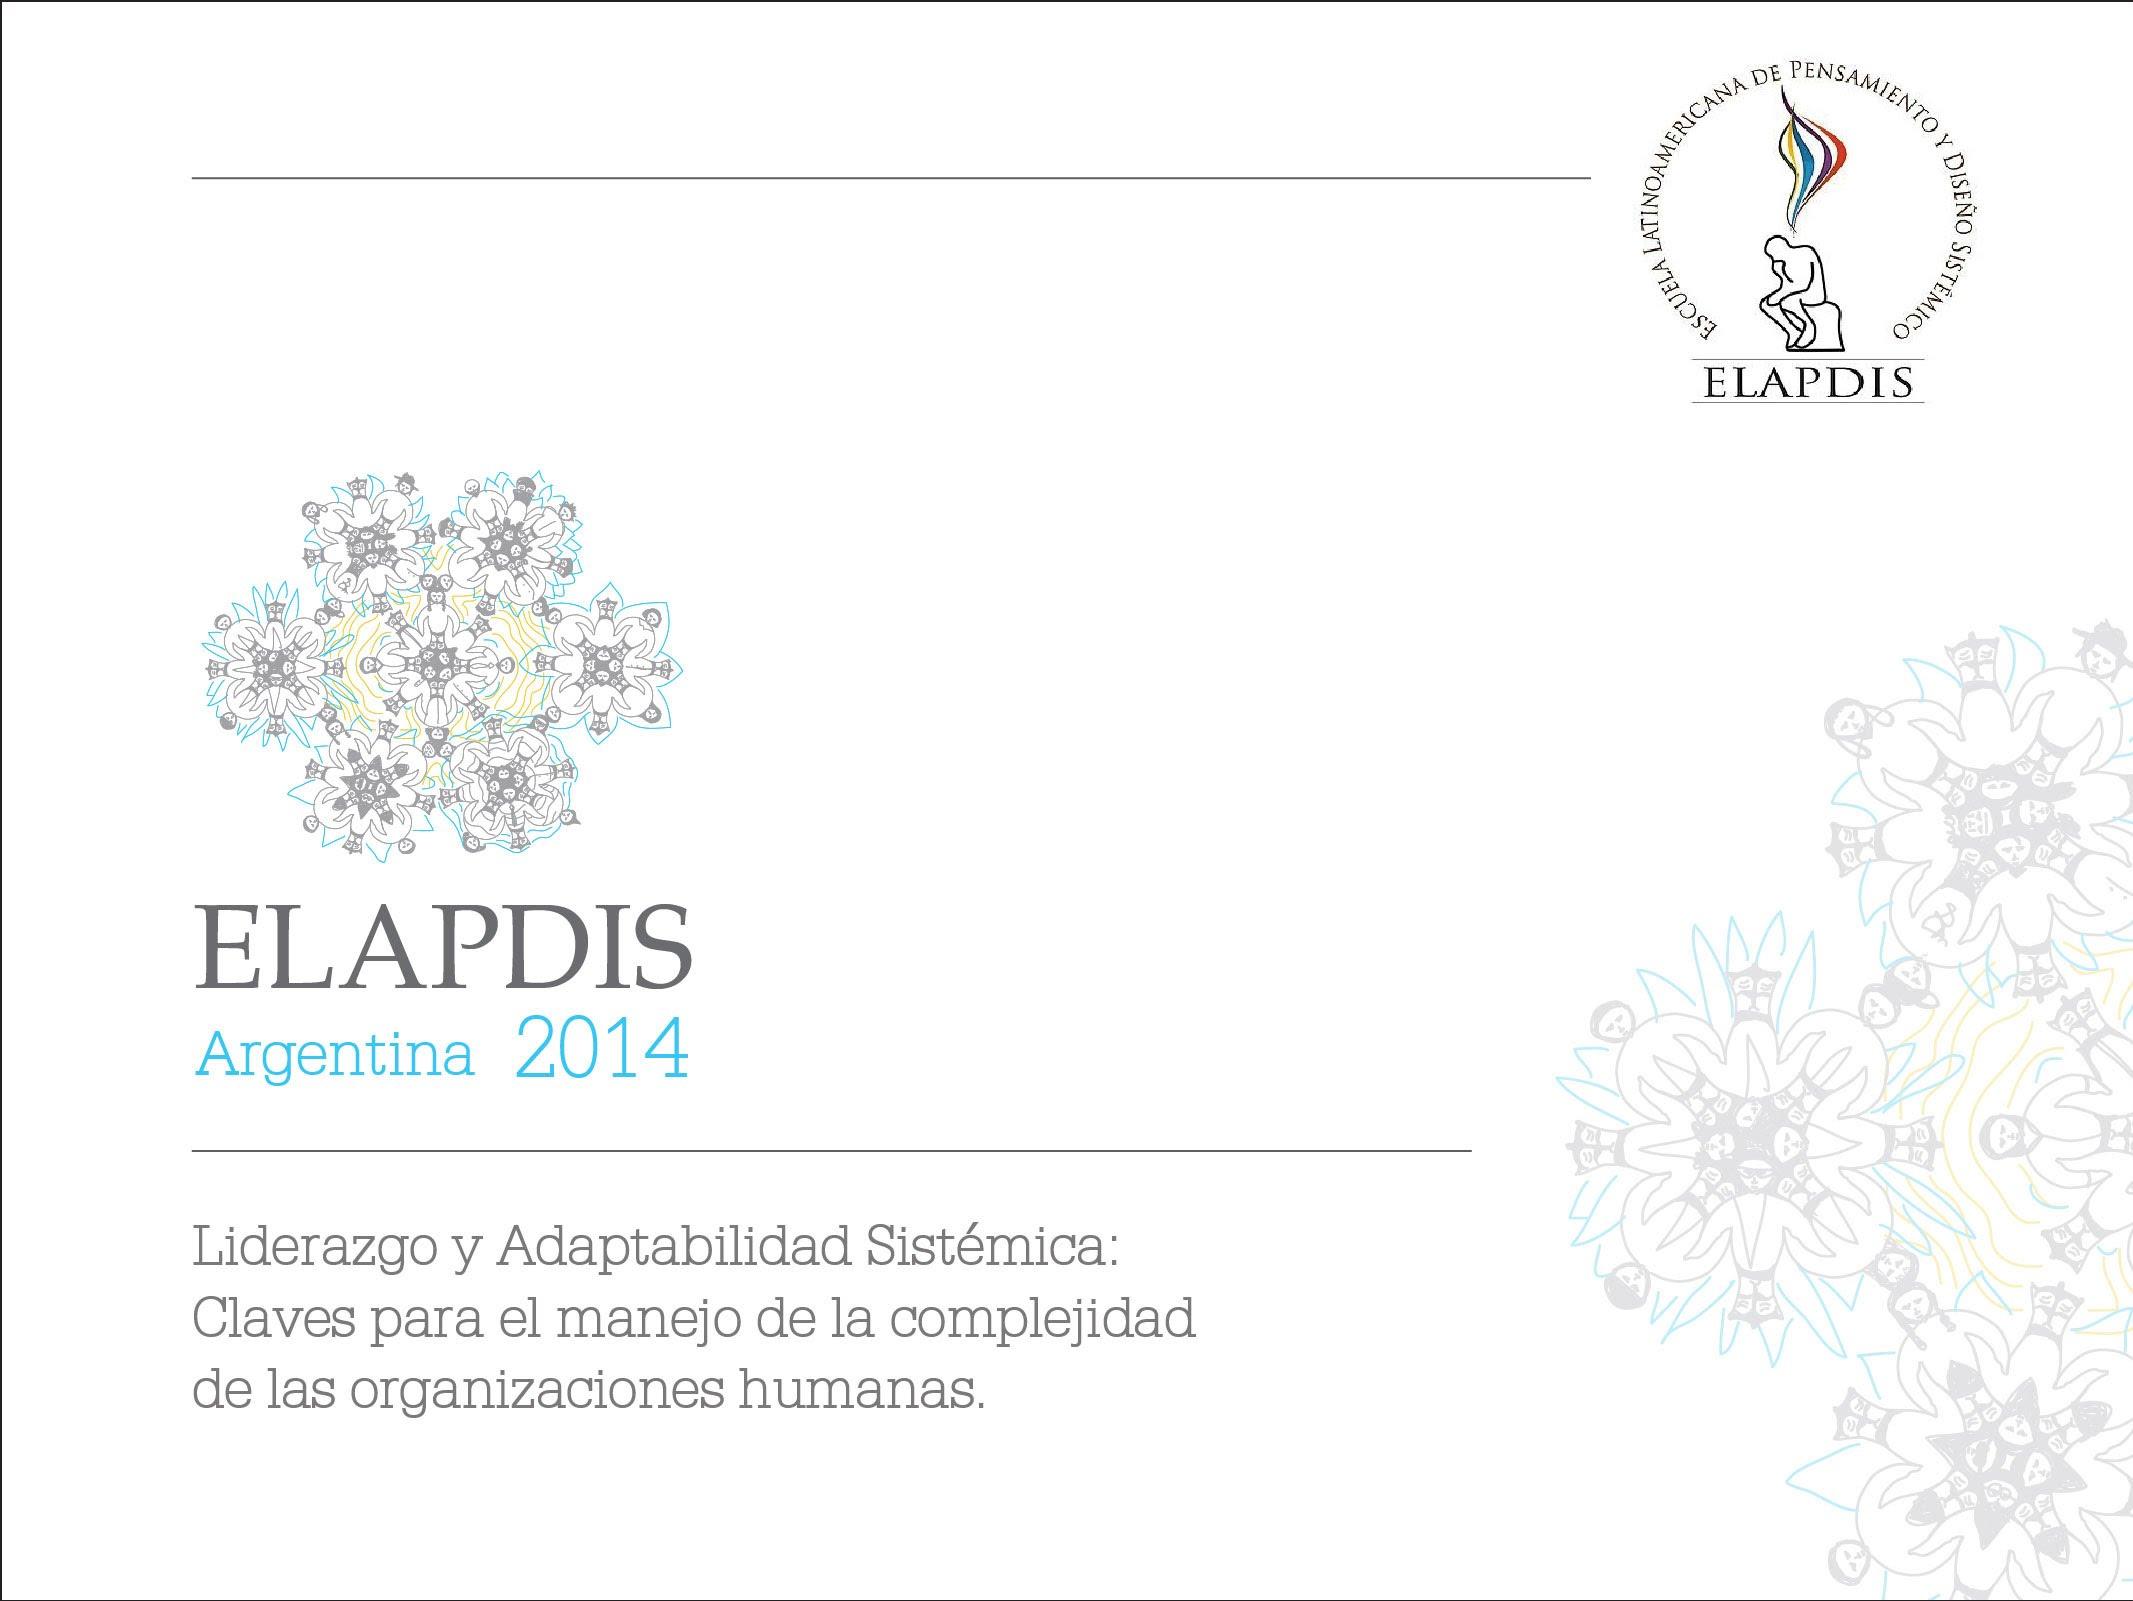 ELAPDIS 2014 - logo